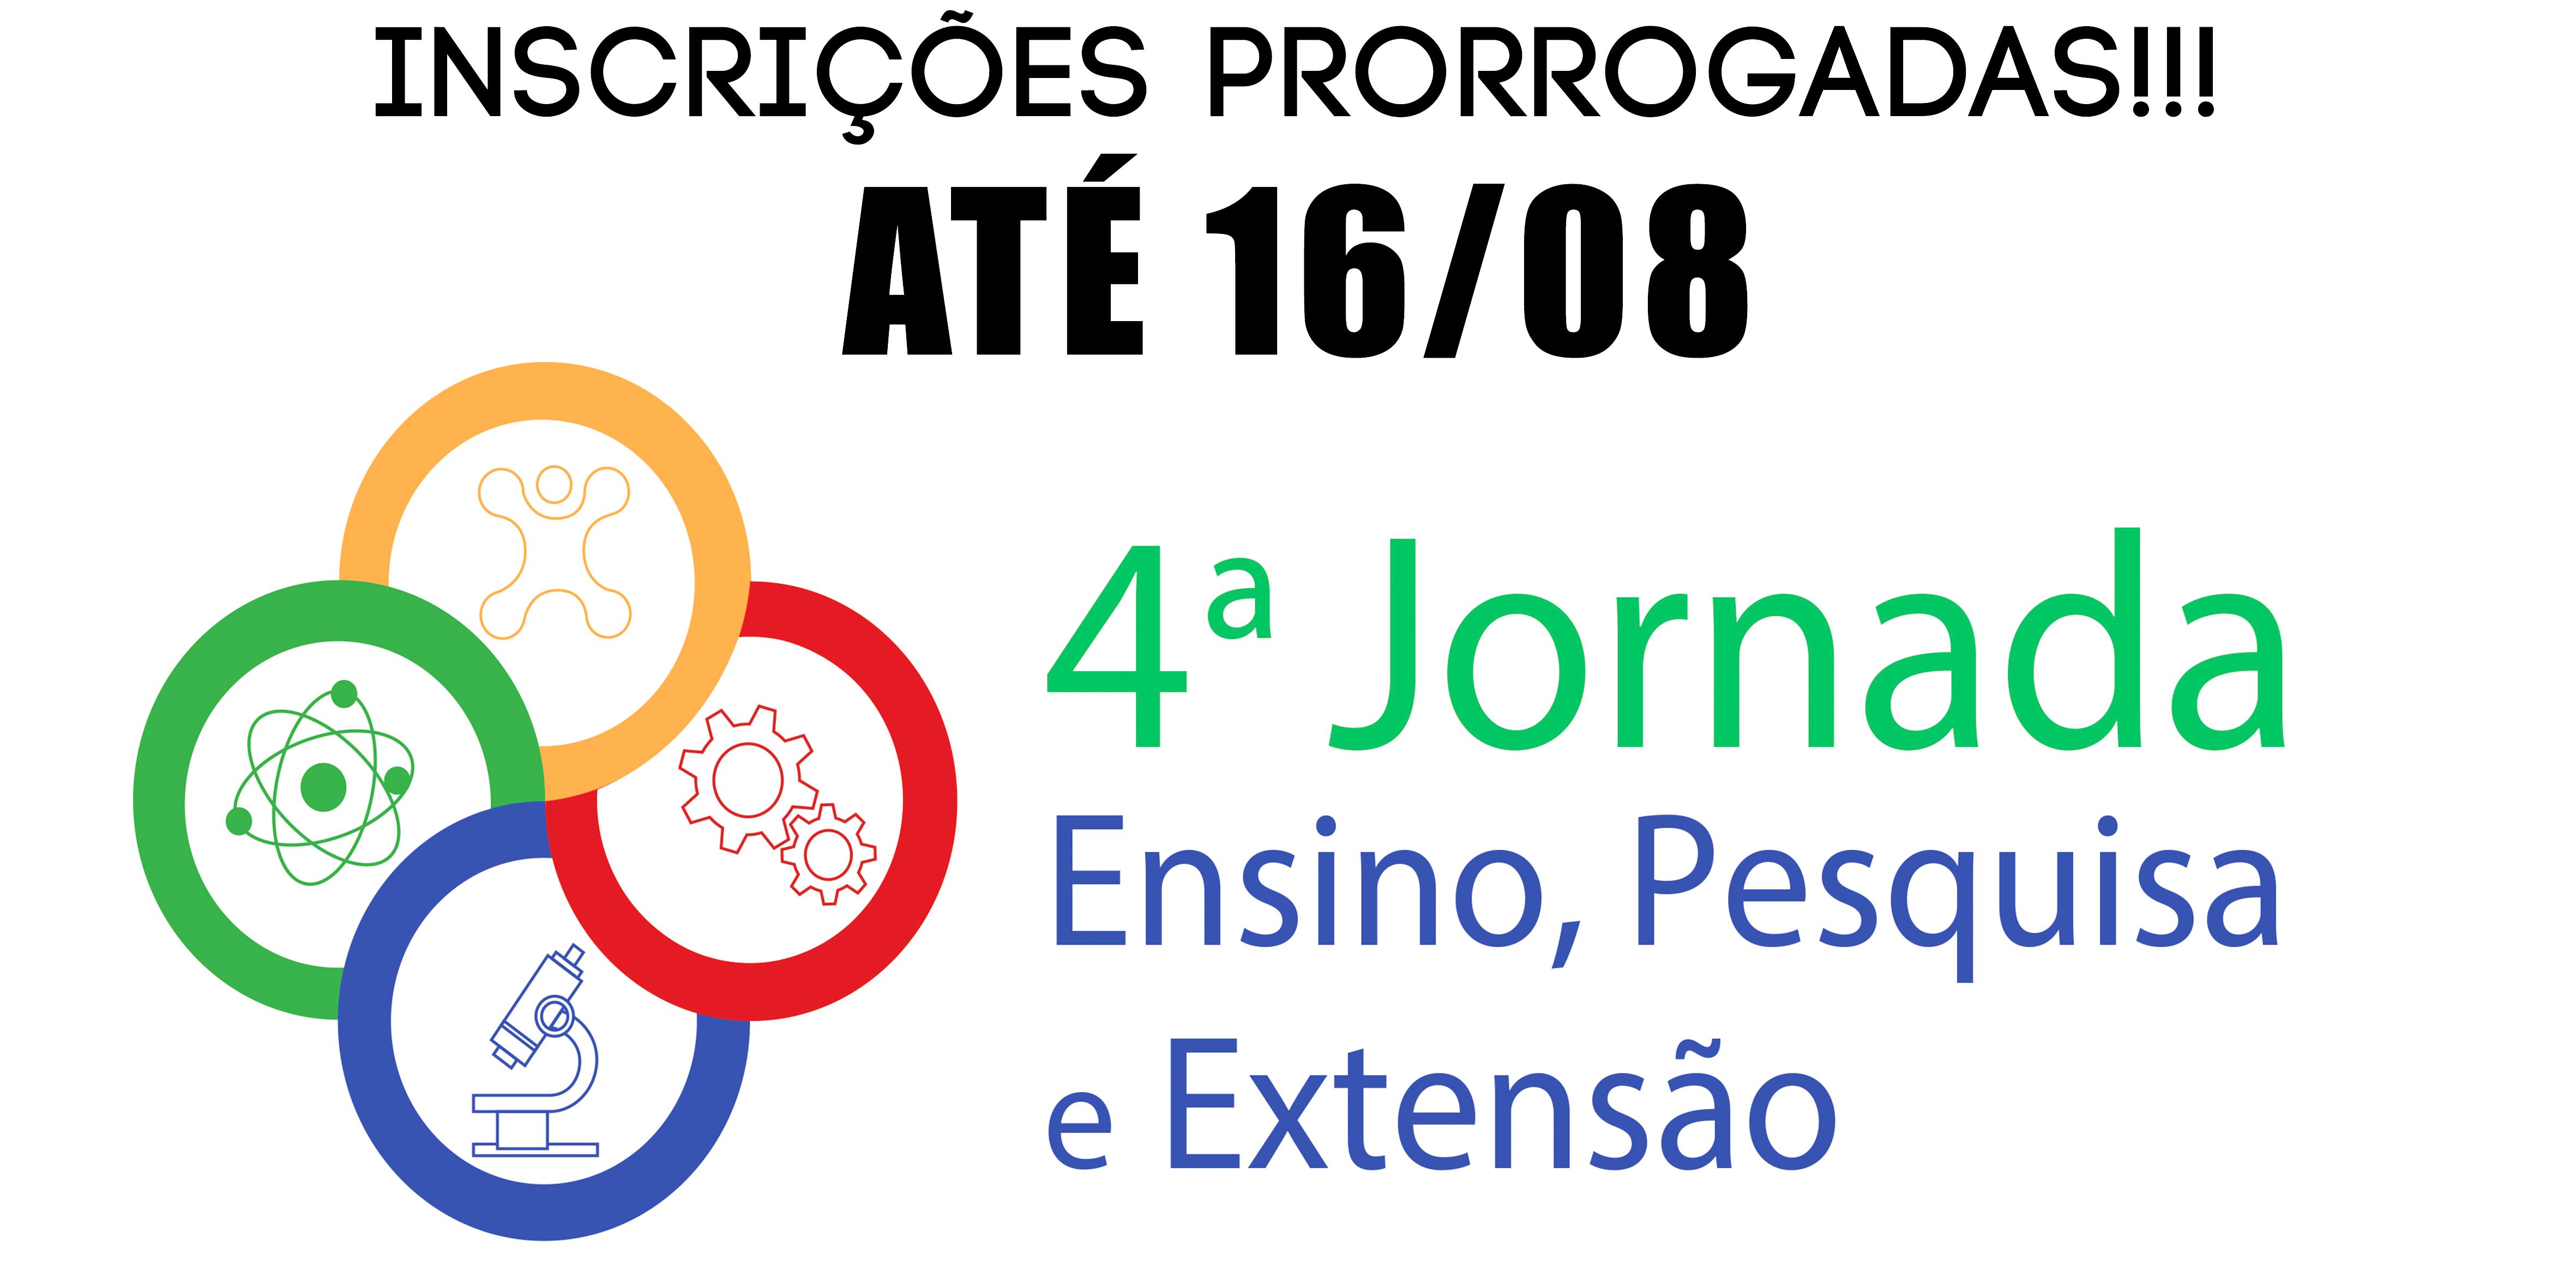 INSCRIÇÕES PRORROGADAS!!!! ATÉ DIA 16.08